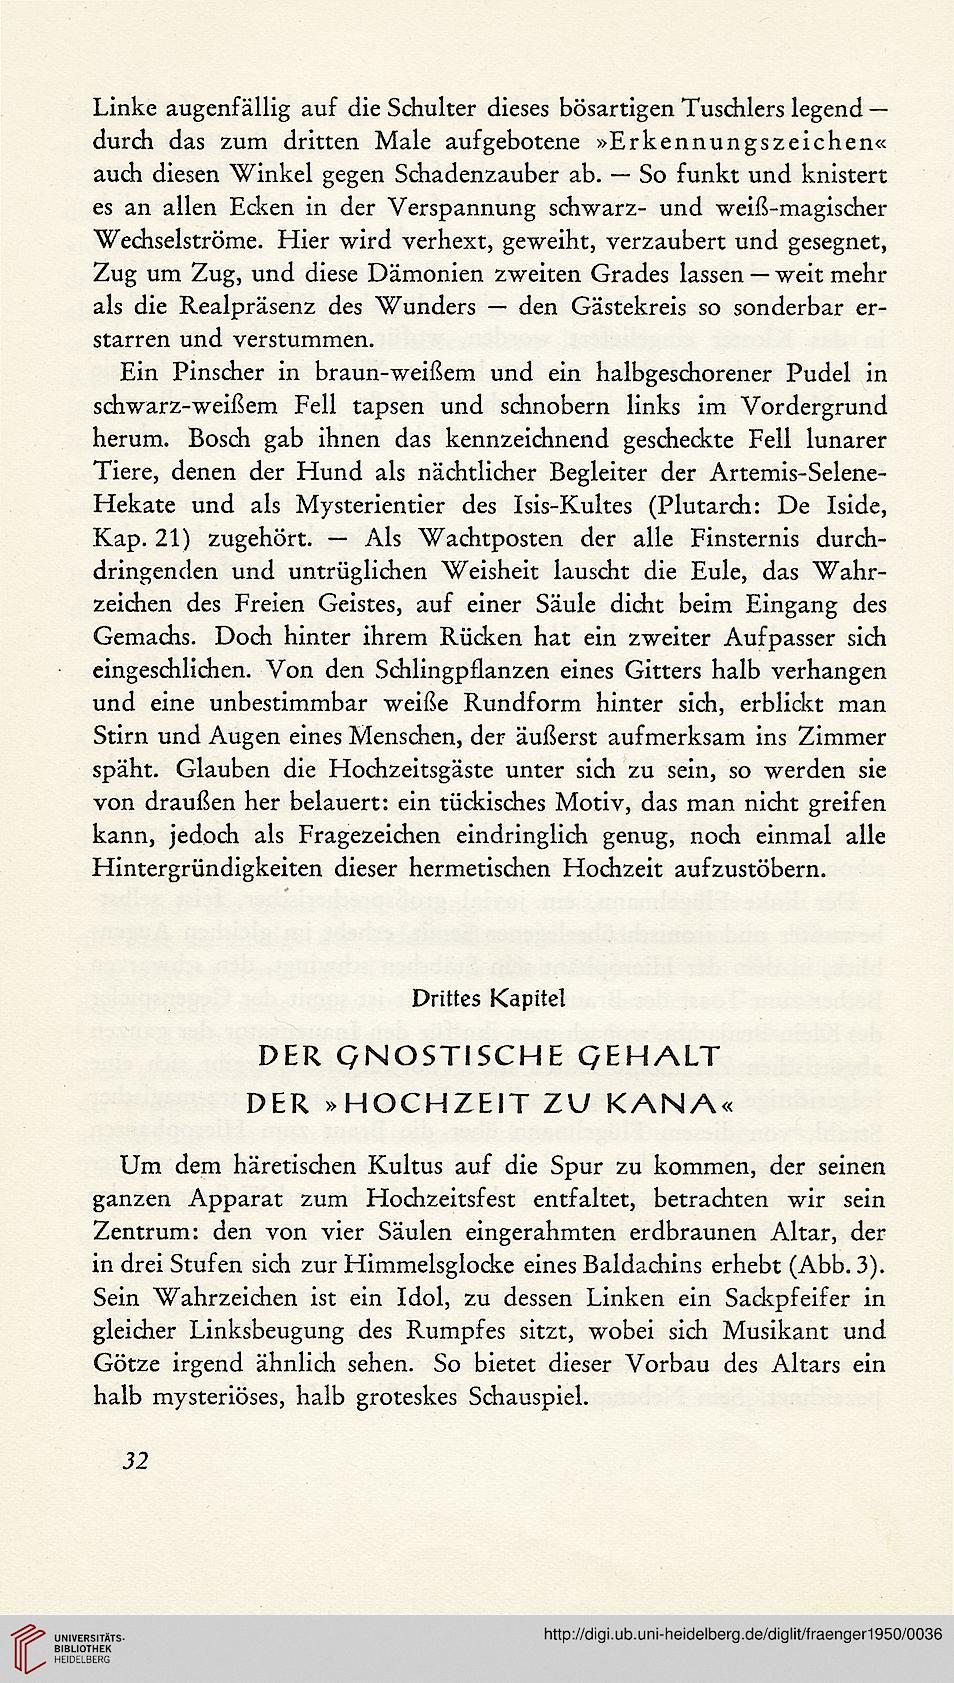 Fraenger, Wilhelm: Hochzeit zu Kana: ein Dokument semitischer Gnosis ...